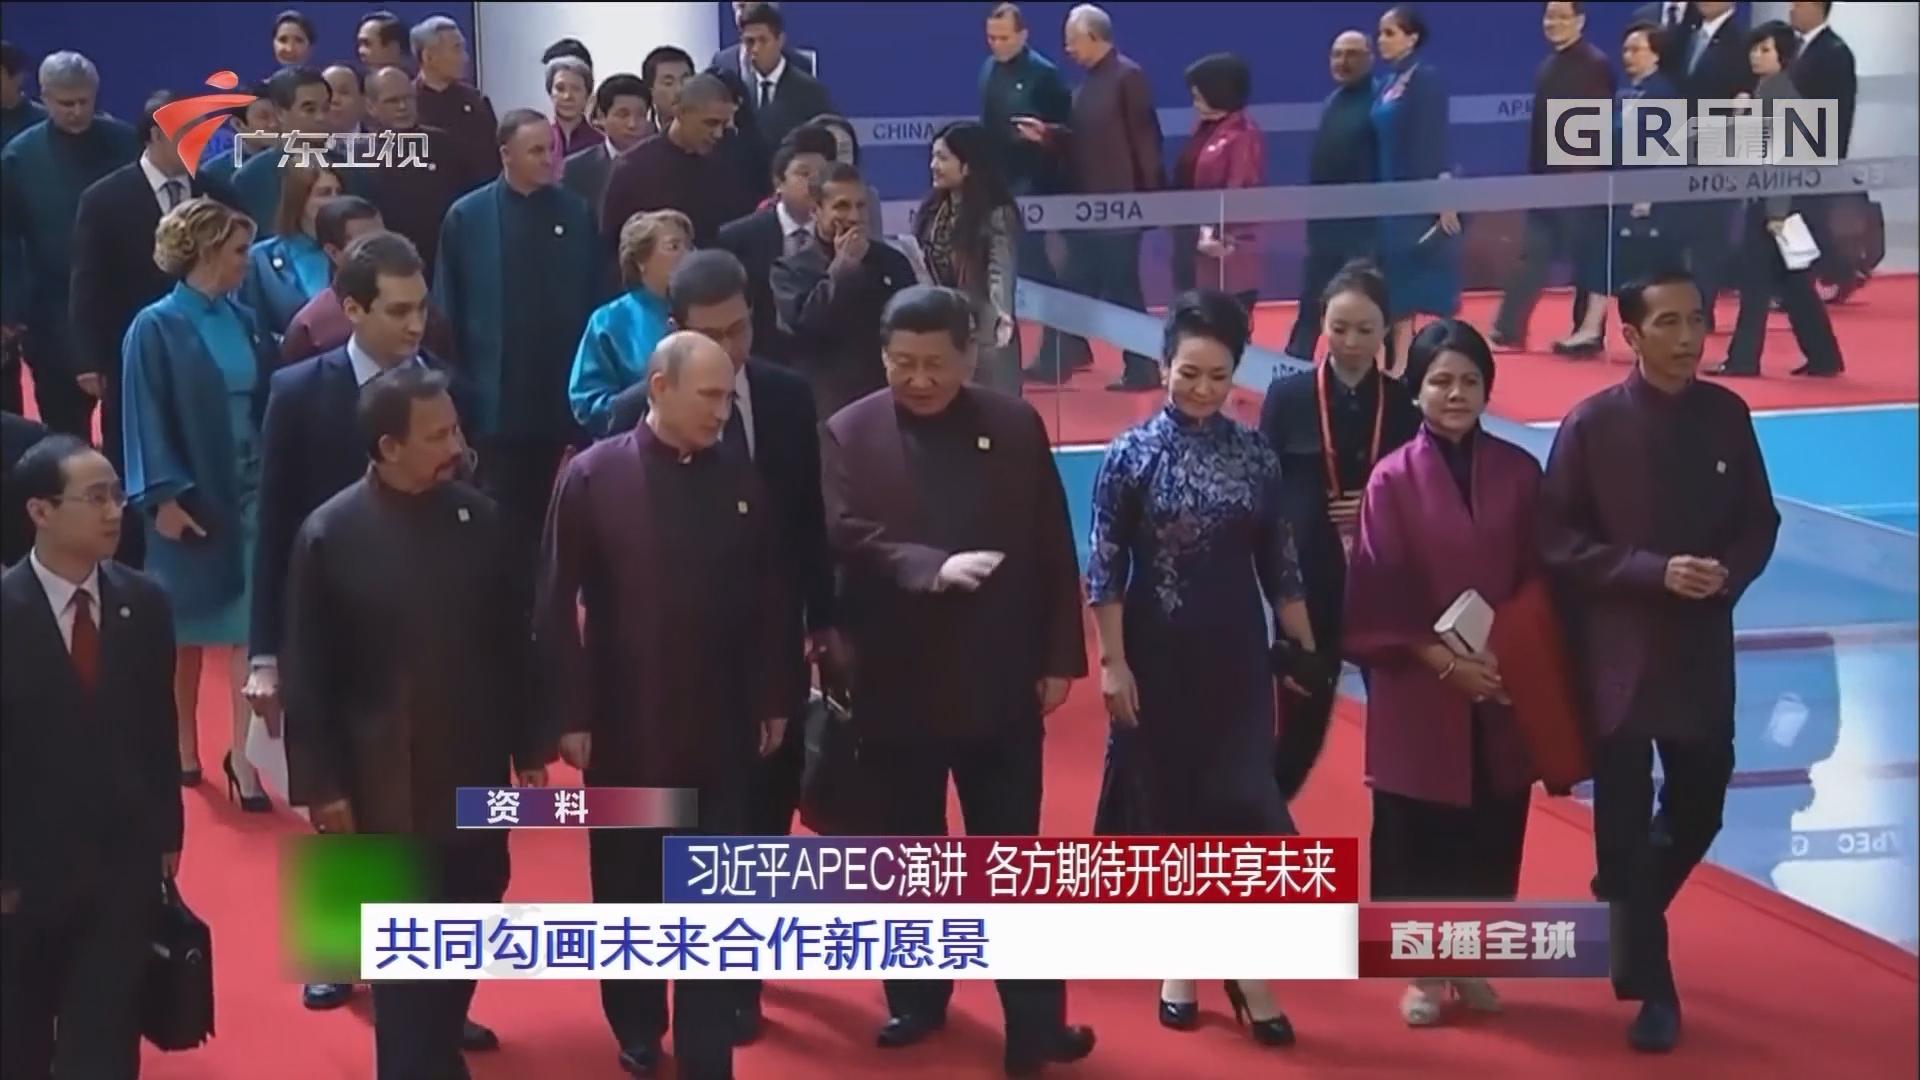 习近平APEC演讲 各方期待开创共享未来:共同维护亚太开放发展大方向